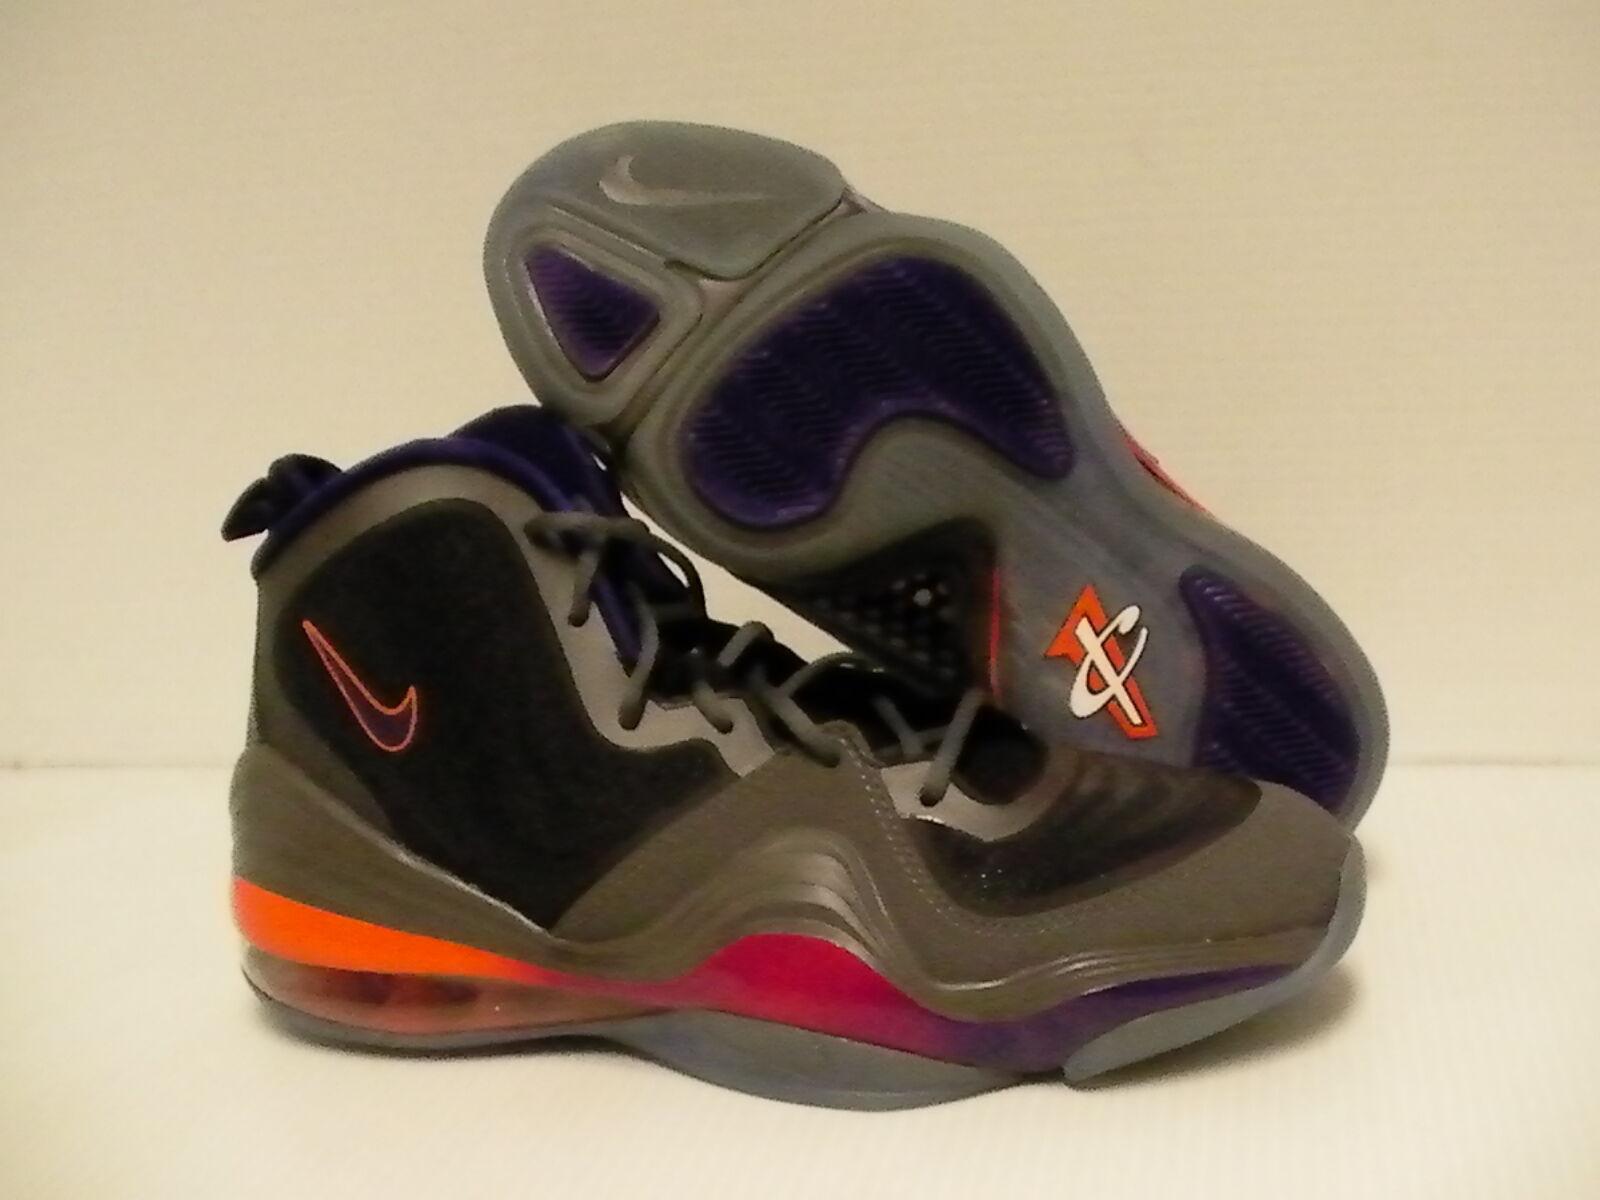 Nike air penny 5 (GS) size 7 Youth new with box Scarpe classiche da uomo